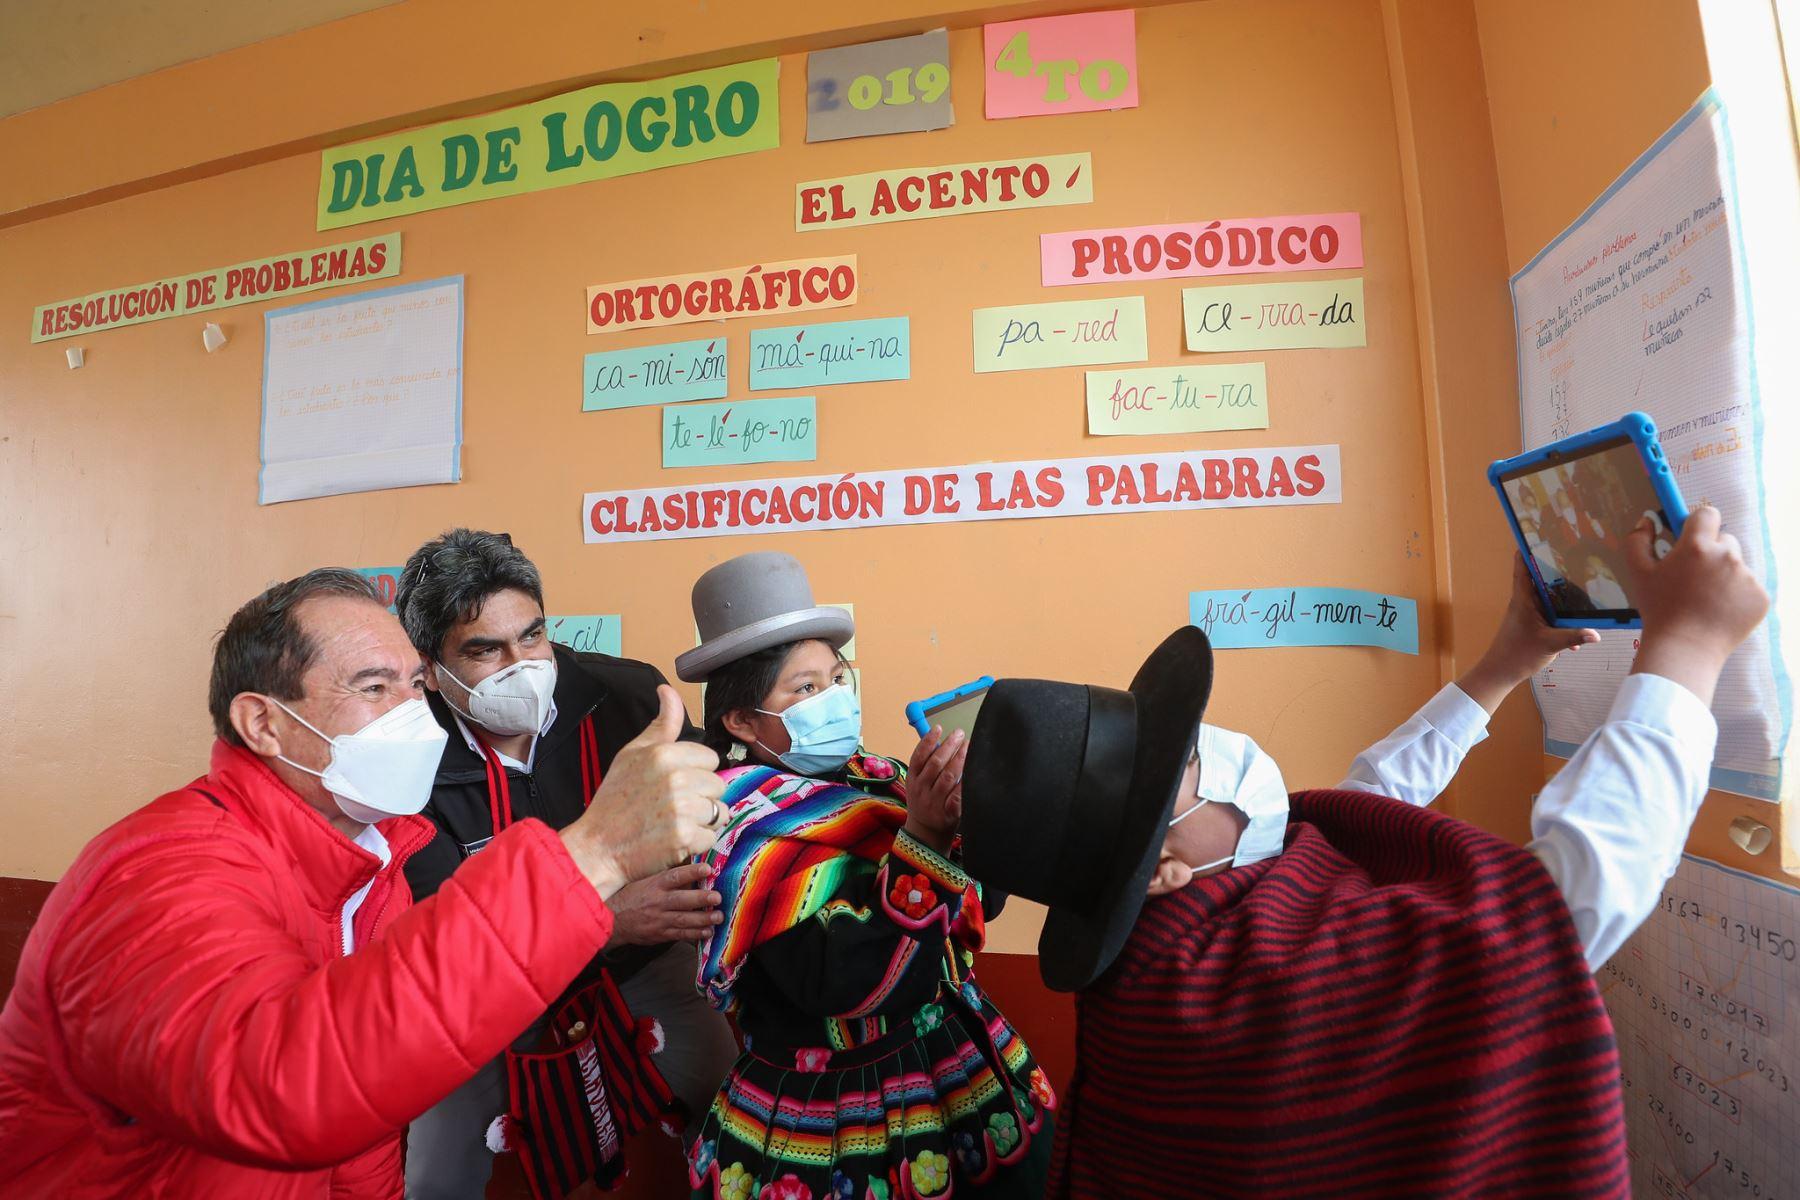 El premier Walter Martos realizó una visita de trabajo a la región Puno junto al ministro de educación, Martín Benavides donde visitaron a la población y entregaron tabletas a los alumnos. Foto: PCM